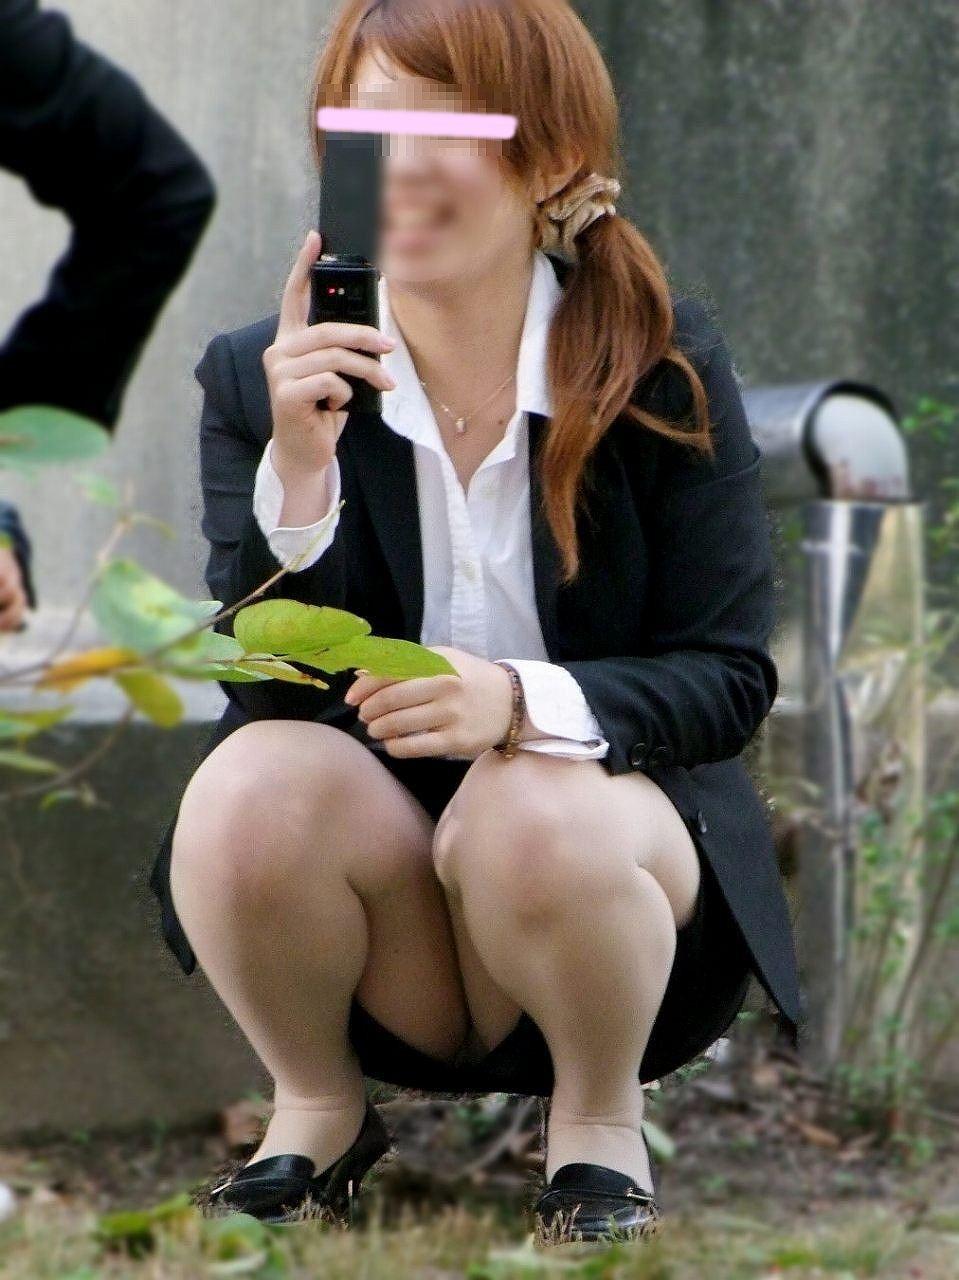 応援したくなる就職活動中のリクルートスーツお姉さん画像1枚目